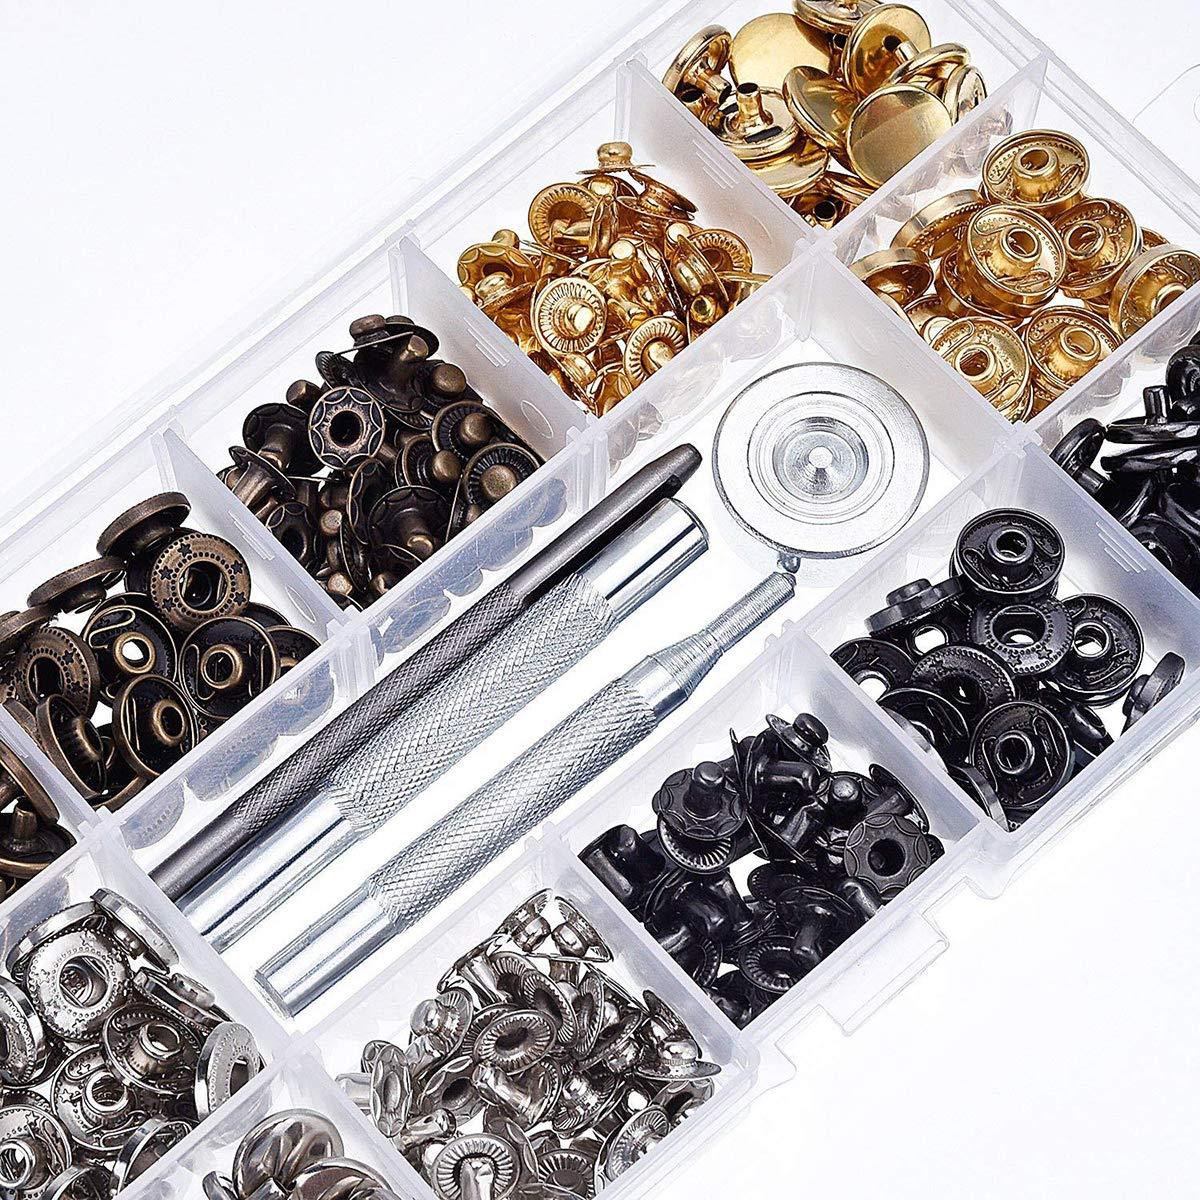 Artigianato Fai da Te Bottone a Pressione in Metallo da Cucire 100 Set di 4 Colori Dricar con 4 Strumenti di Fissaggio per Jeans Pelle 12,5 mm Bottoni a Pressione Tessuto in Metallo